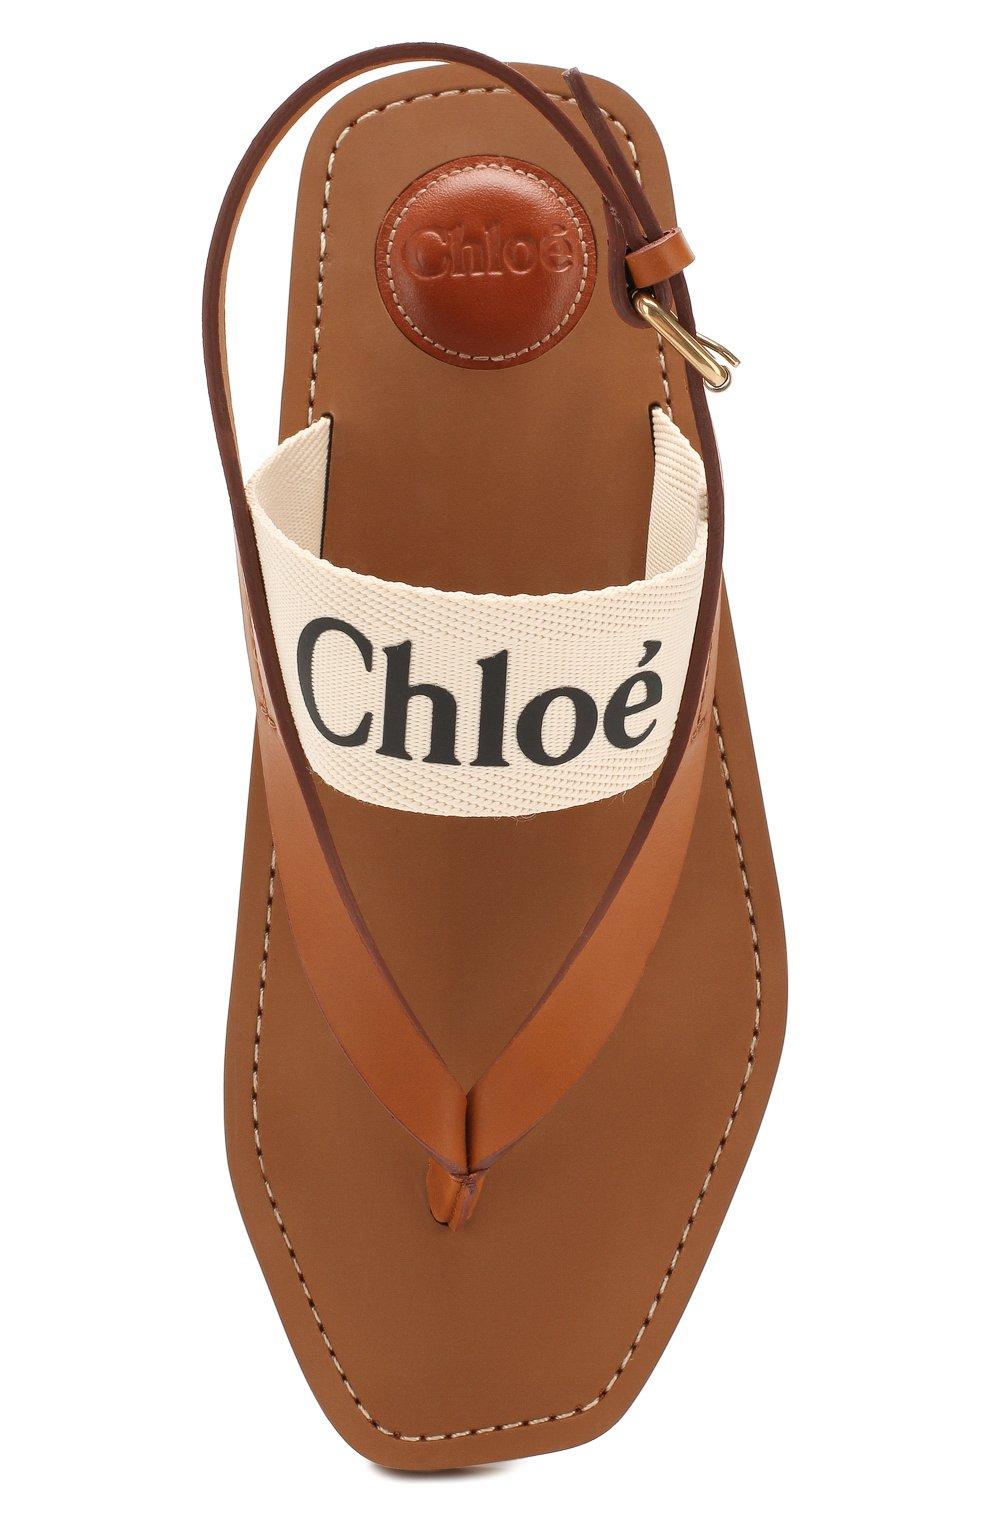 Женские комбинированные сандалии woody CHLOÉ светло-бежевого цвета, арт. CHC20U32708   Фото 5 (Материал внешний: Текстиль; Каблук высота: Низкий; Материал внутренний: Натуральная кожа; Подошва: Плоская)